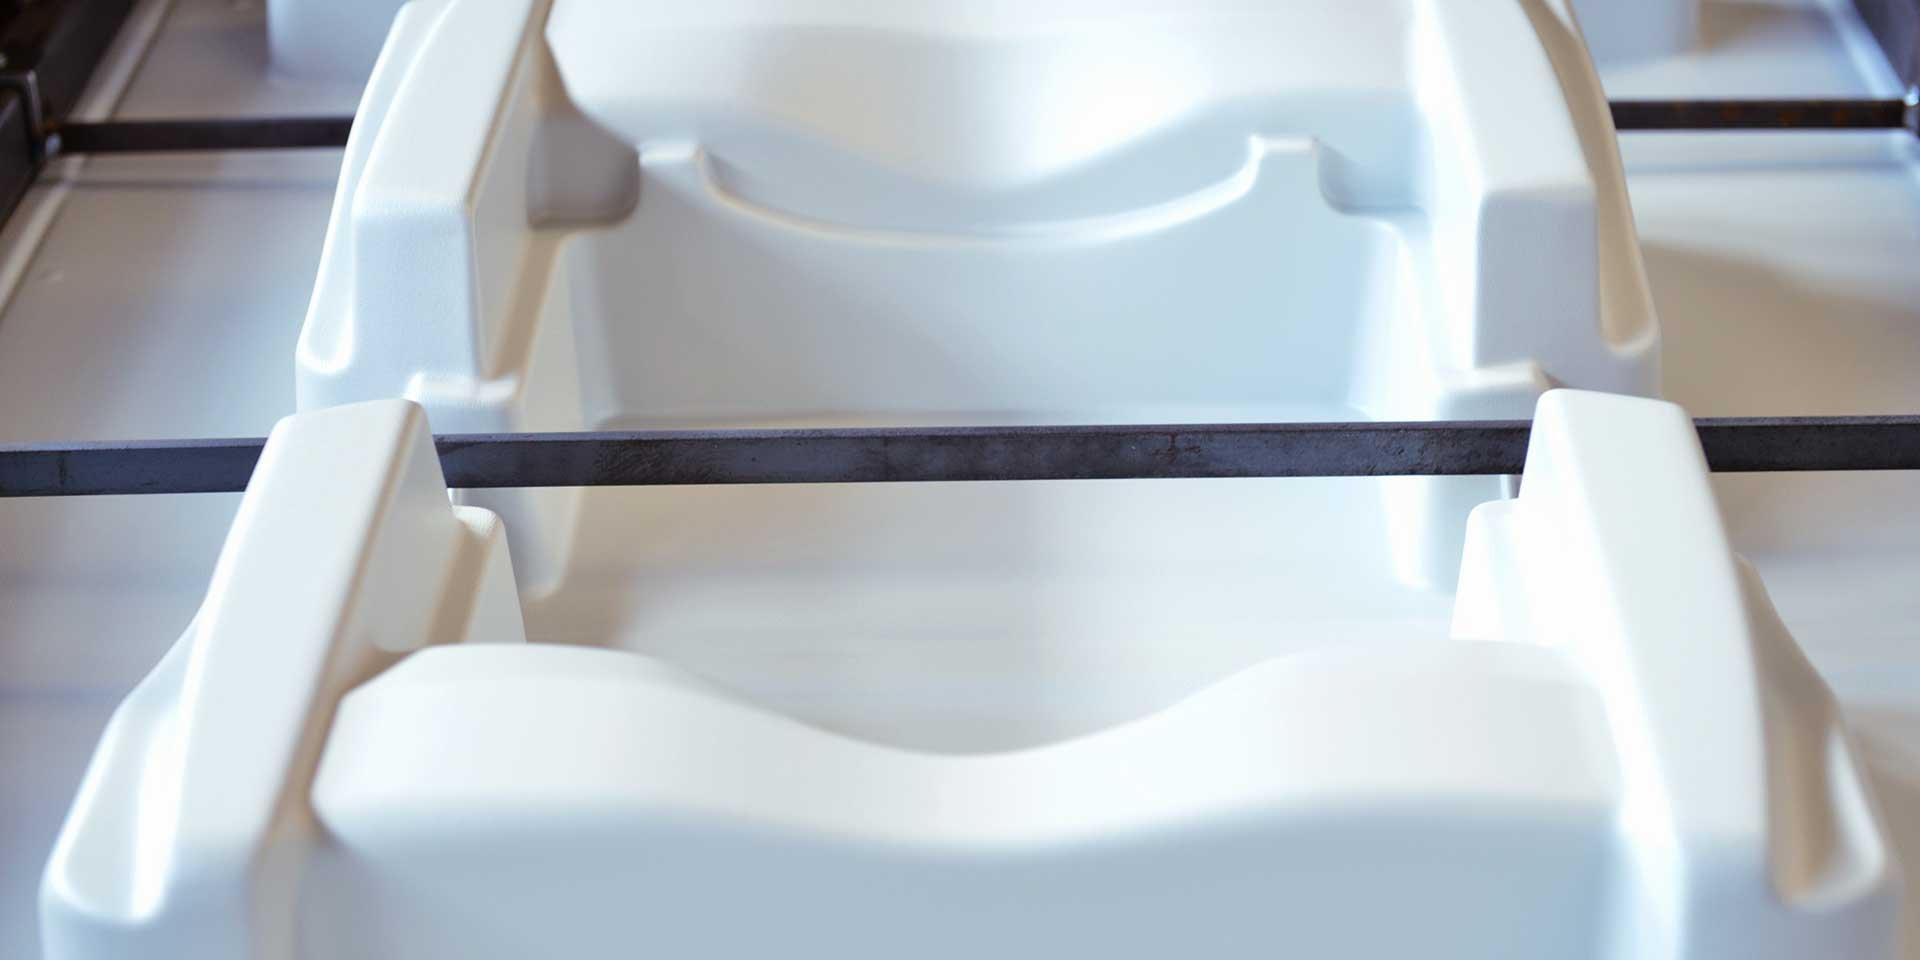 Lampa Plastic, azienda specializzata nella termoformatura plastica. Sede a Vicenza